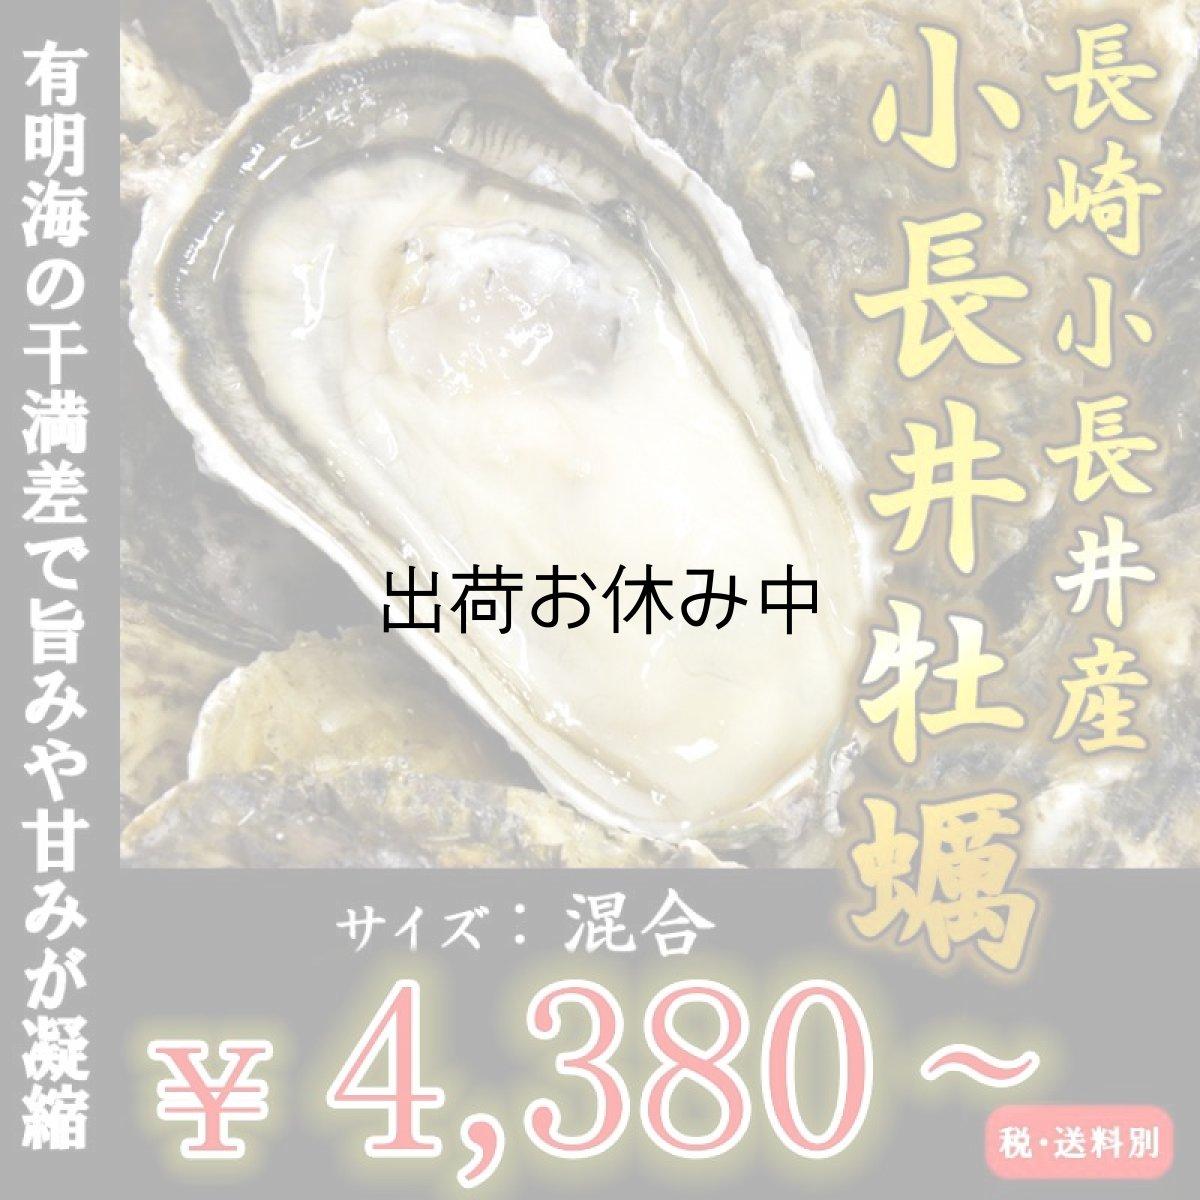 画像1: 【お急ぎ便】長崎小長井産 殻付牡蠣 (お届け地域限定) (1)